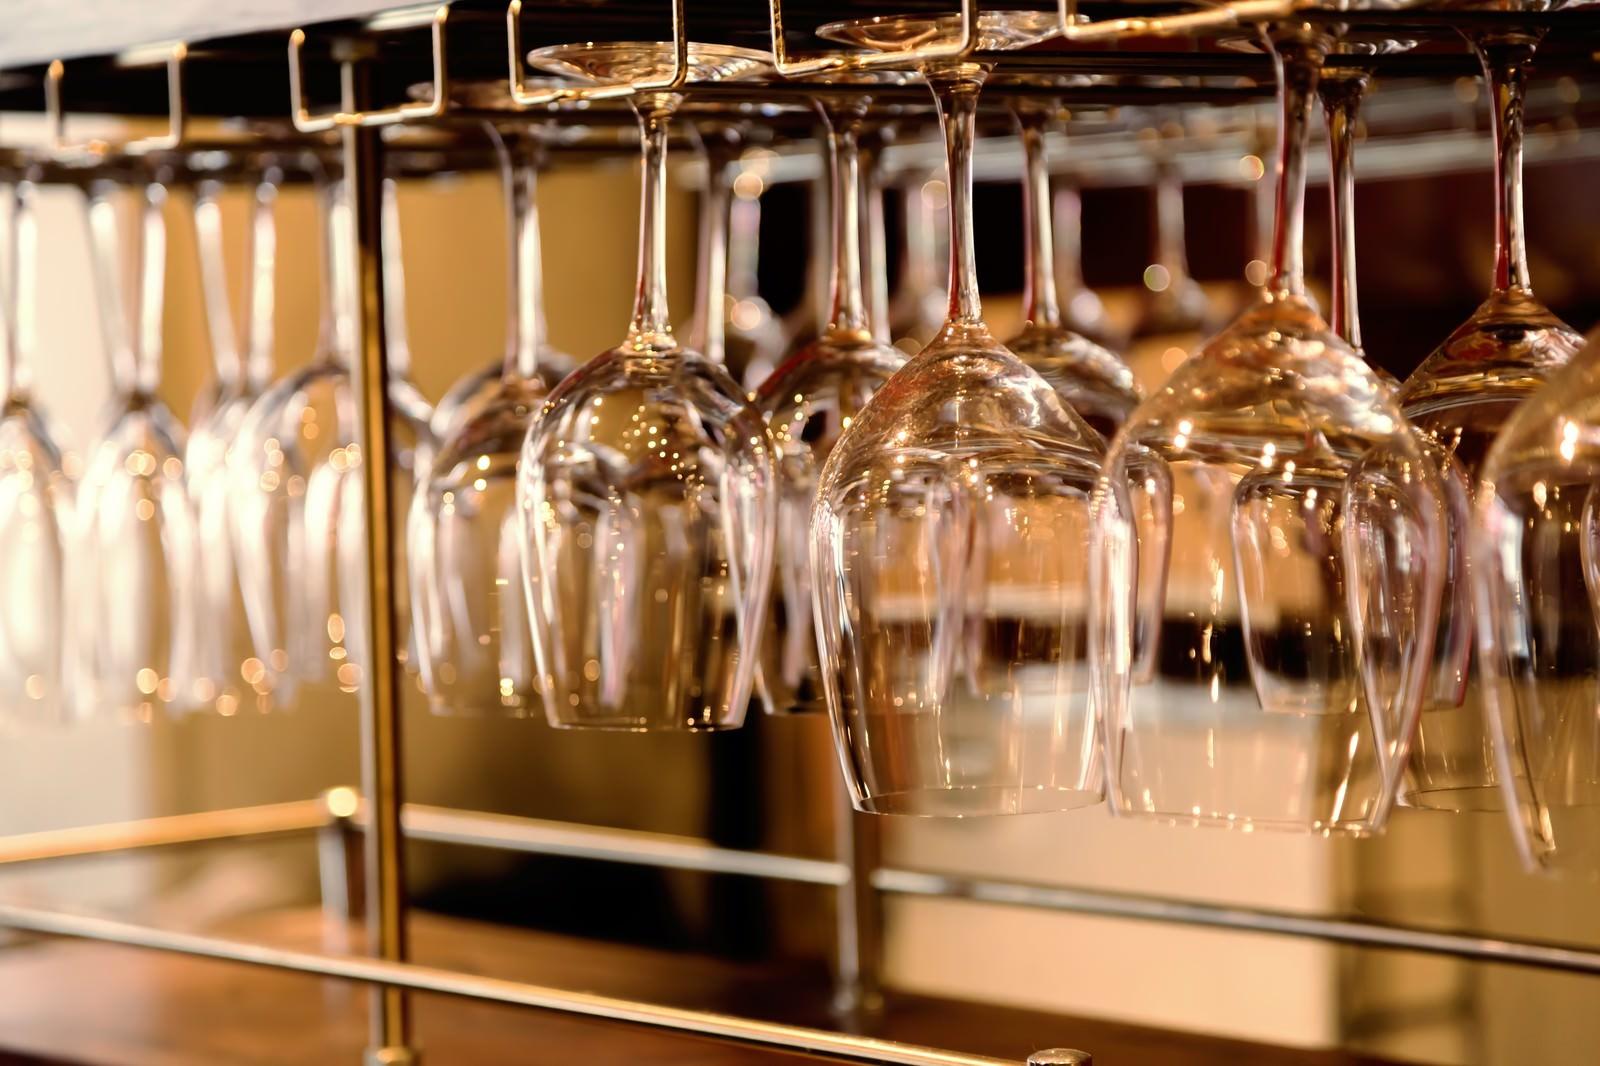 「ワイングラスハンガーワイングラスハンガー」のフリー写真素材を拡大